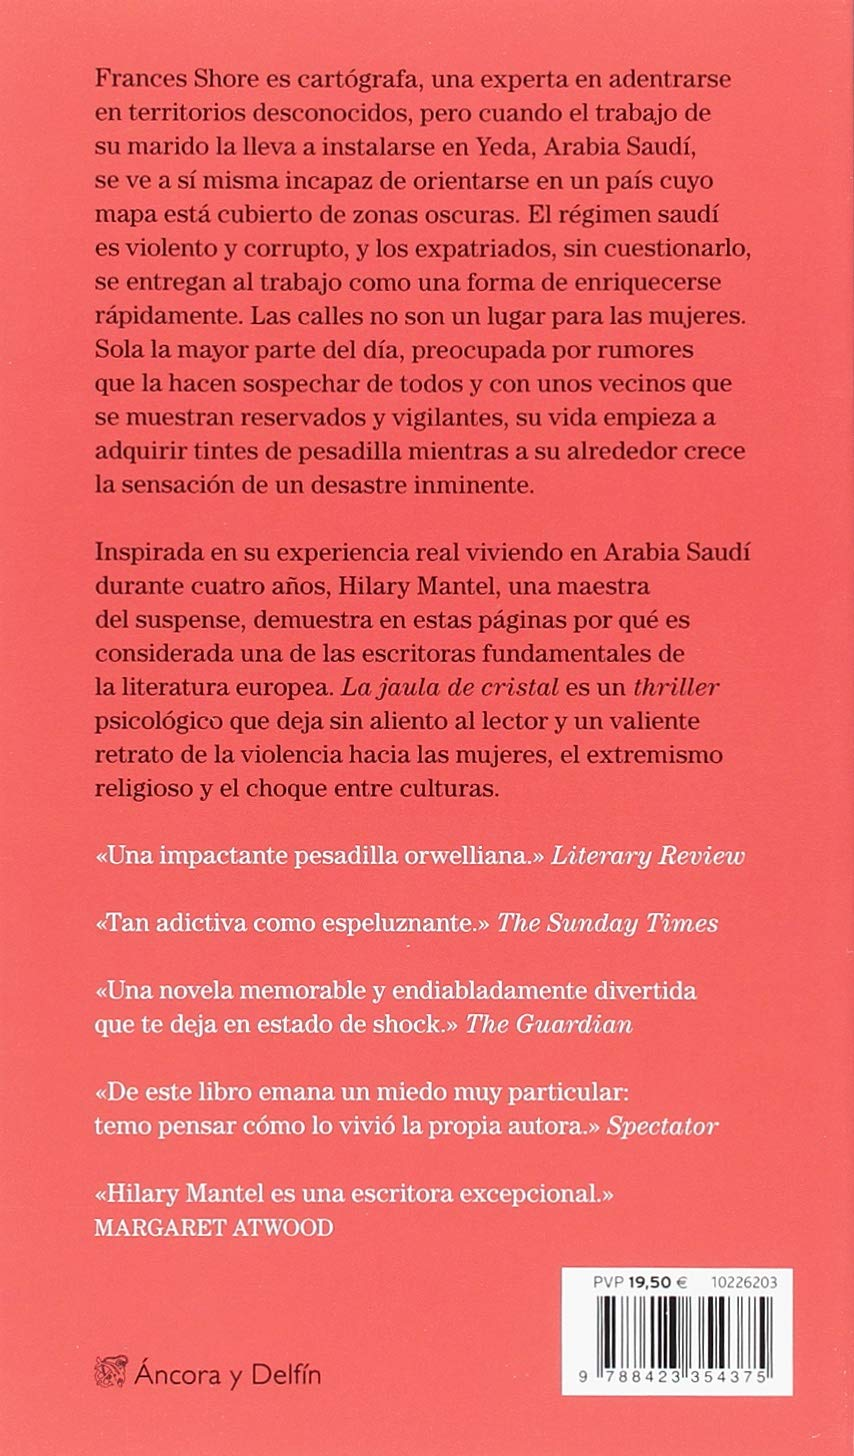 La jaula de cristal (Áncora & Delfín): Amazon.es: Hilary Mantel ...